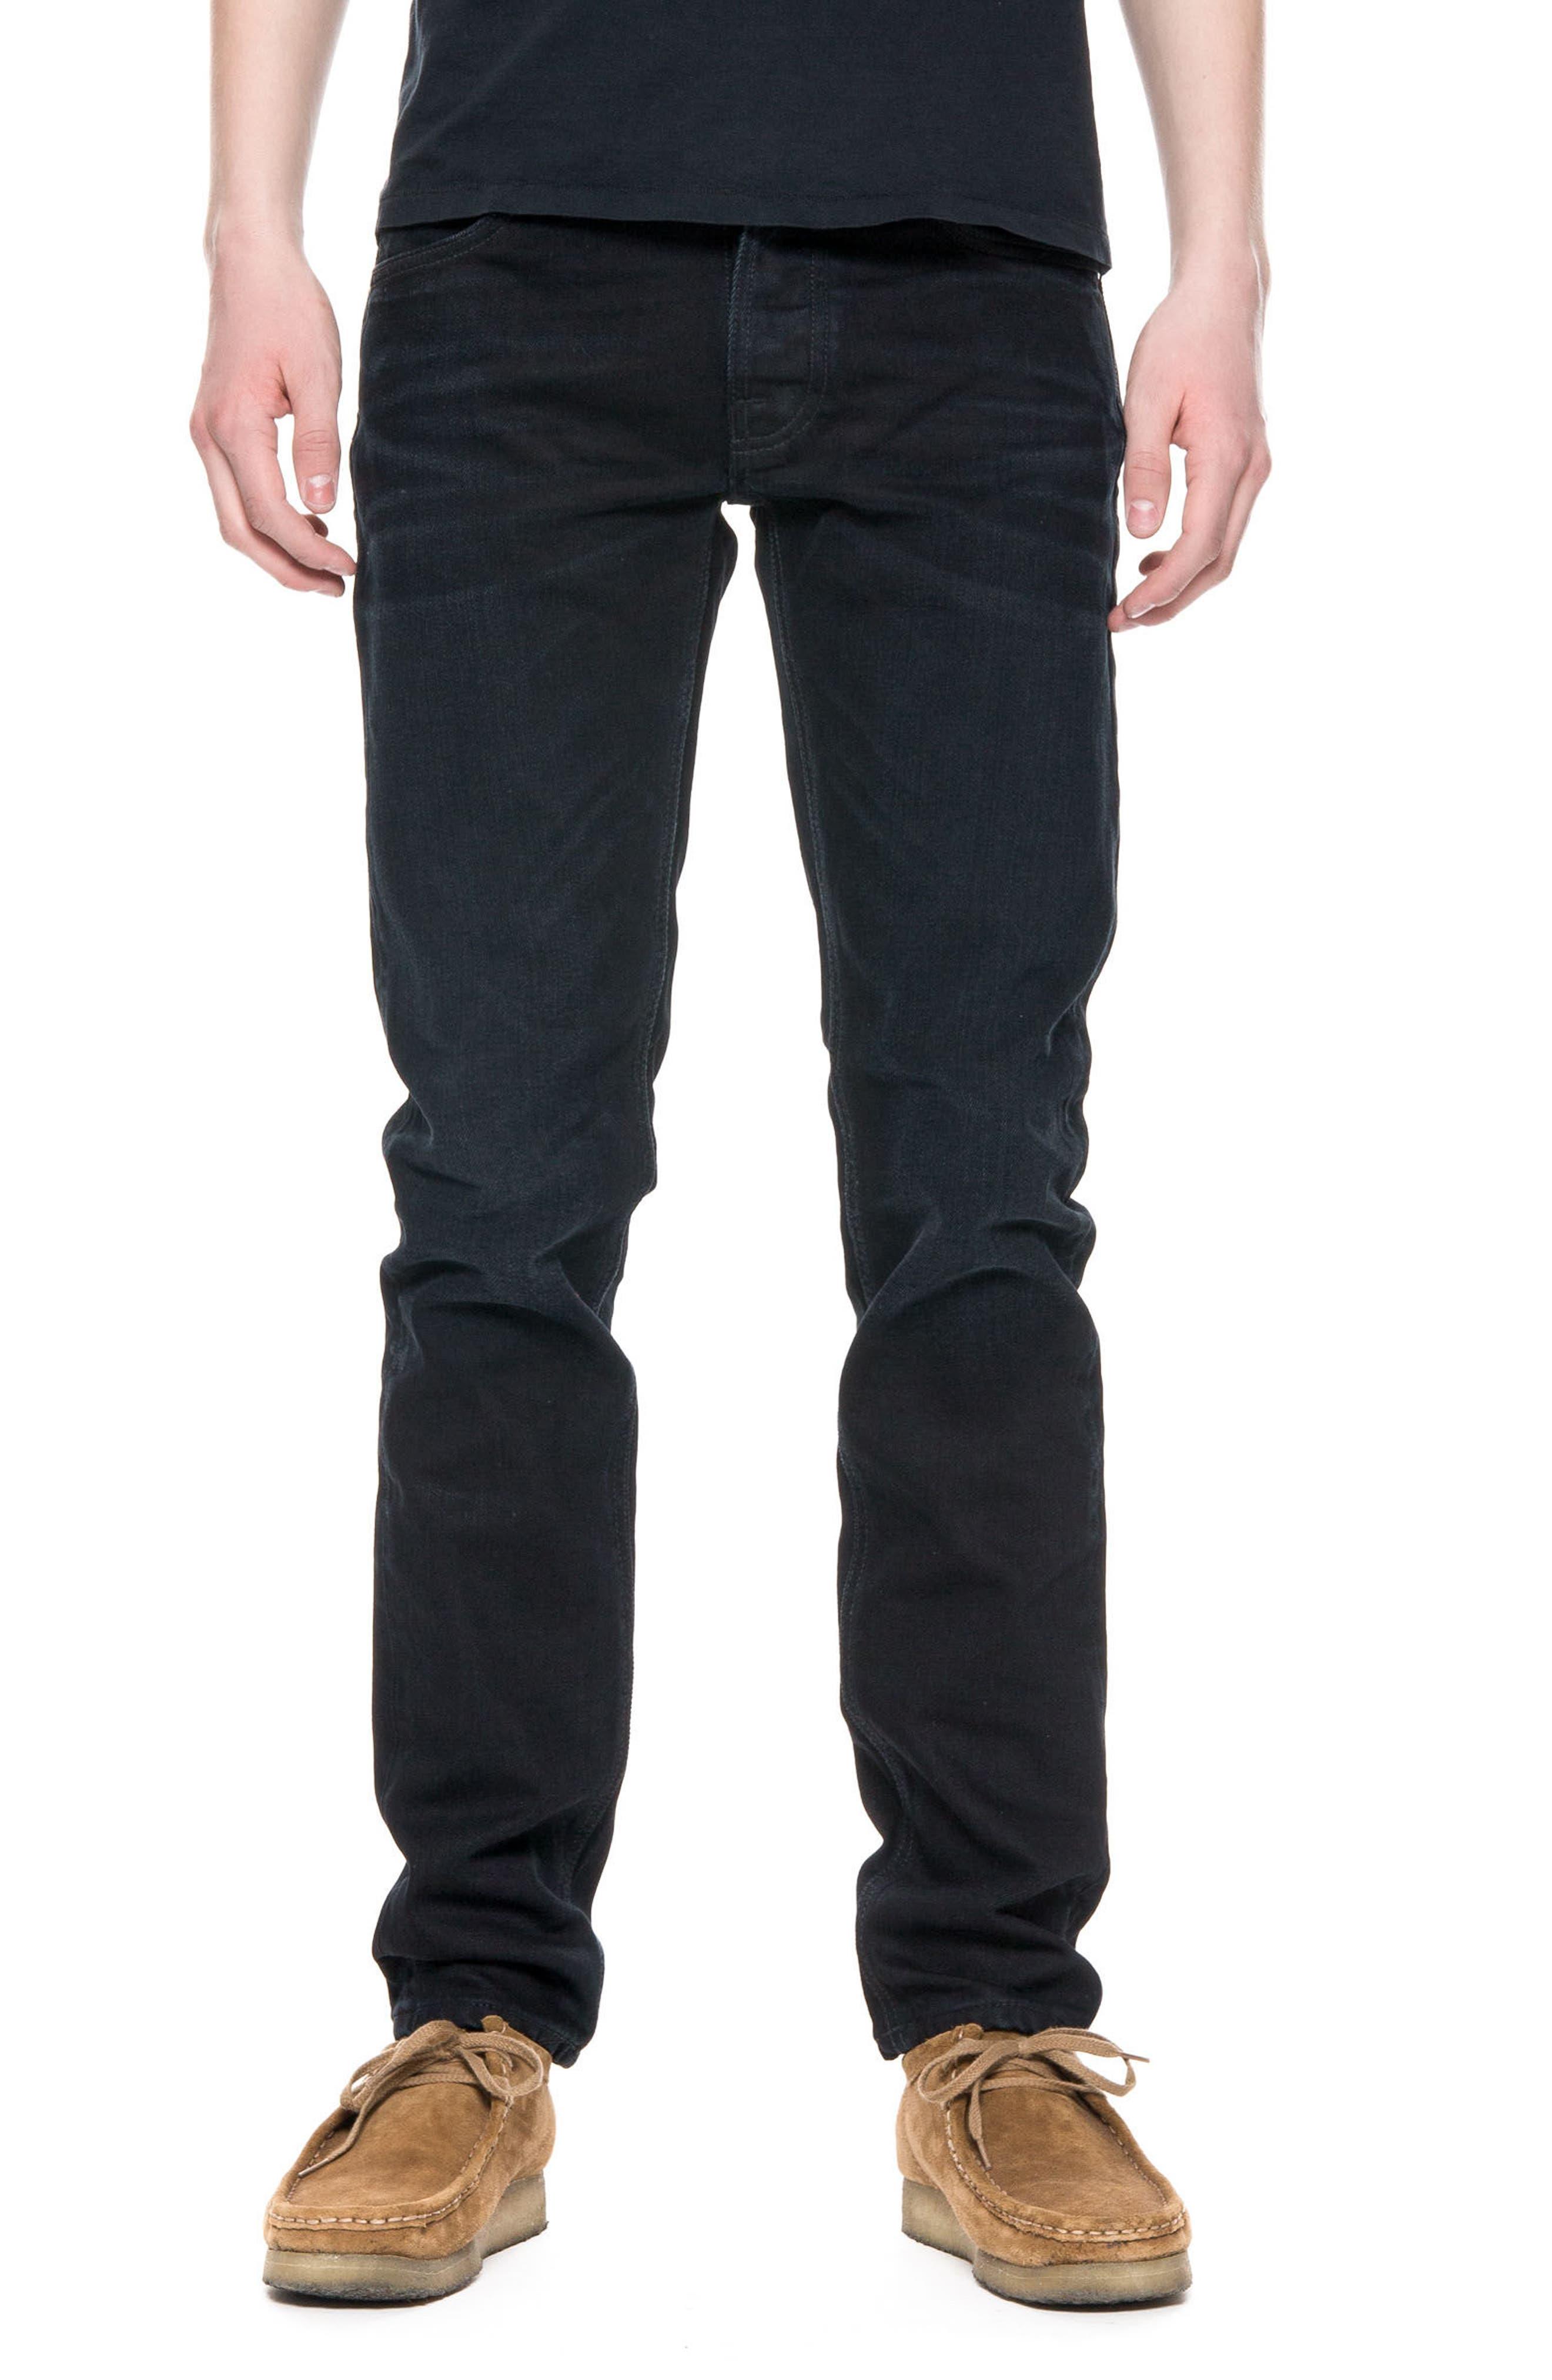 Nudie Jeans Lean Dean Slouchy Slim Fit Jeans (Black Sparkle)